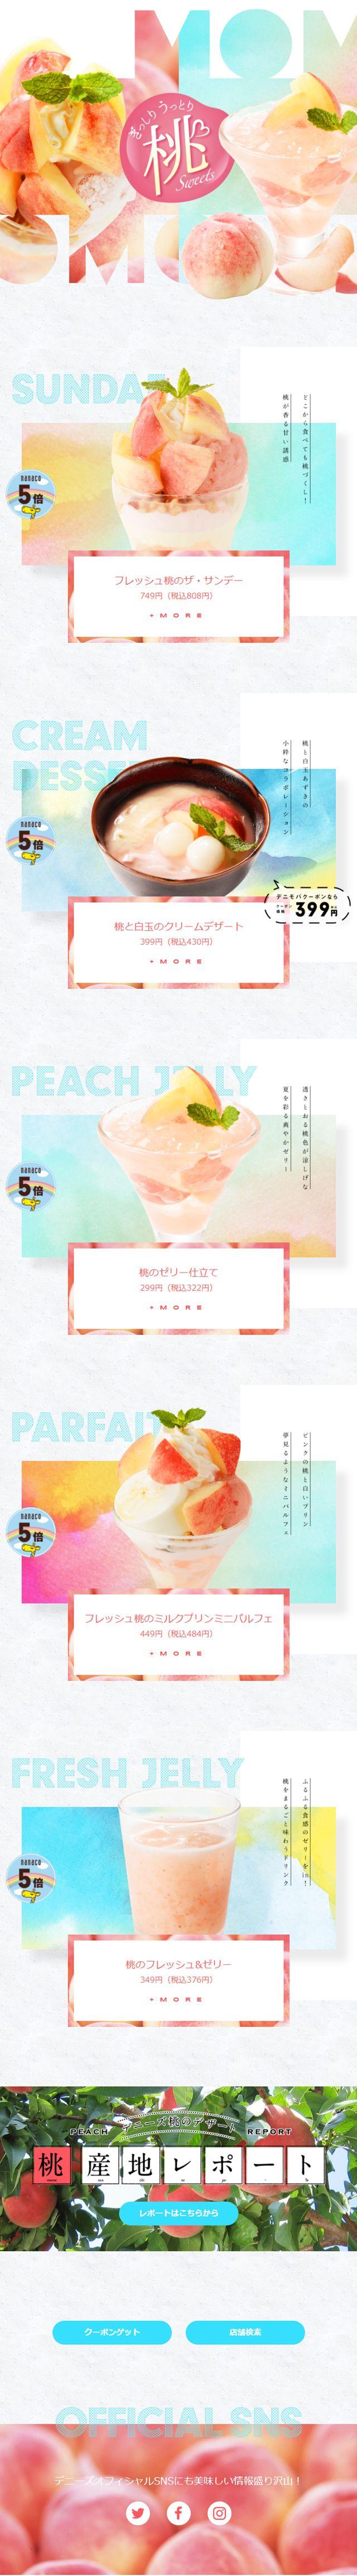 桃のデザート|WEBデザイナーさん必見!スマホランディングページのデザイン参考に(かわいい系)